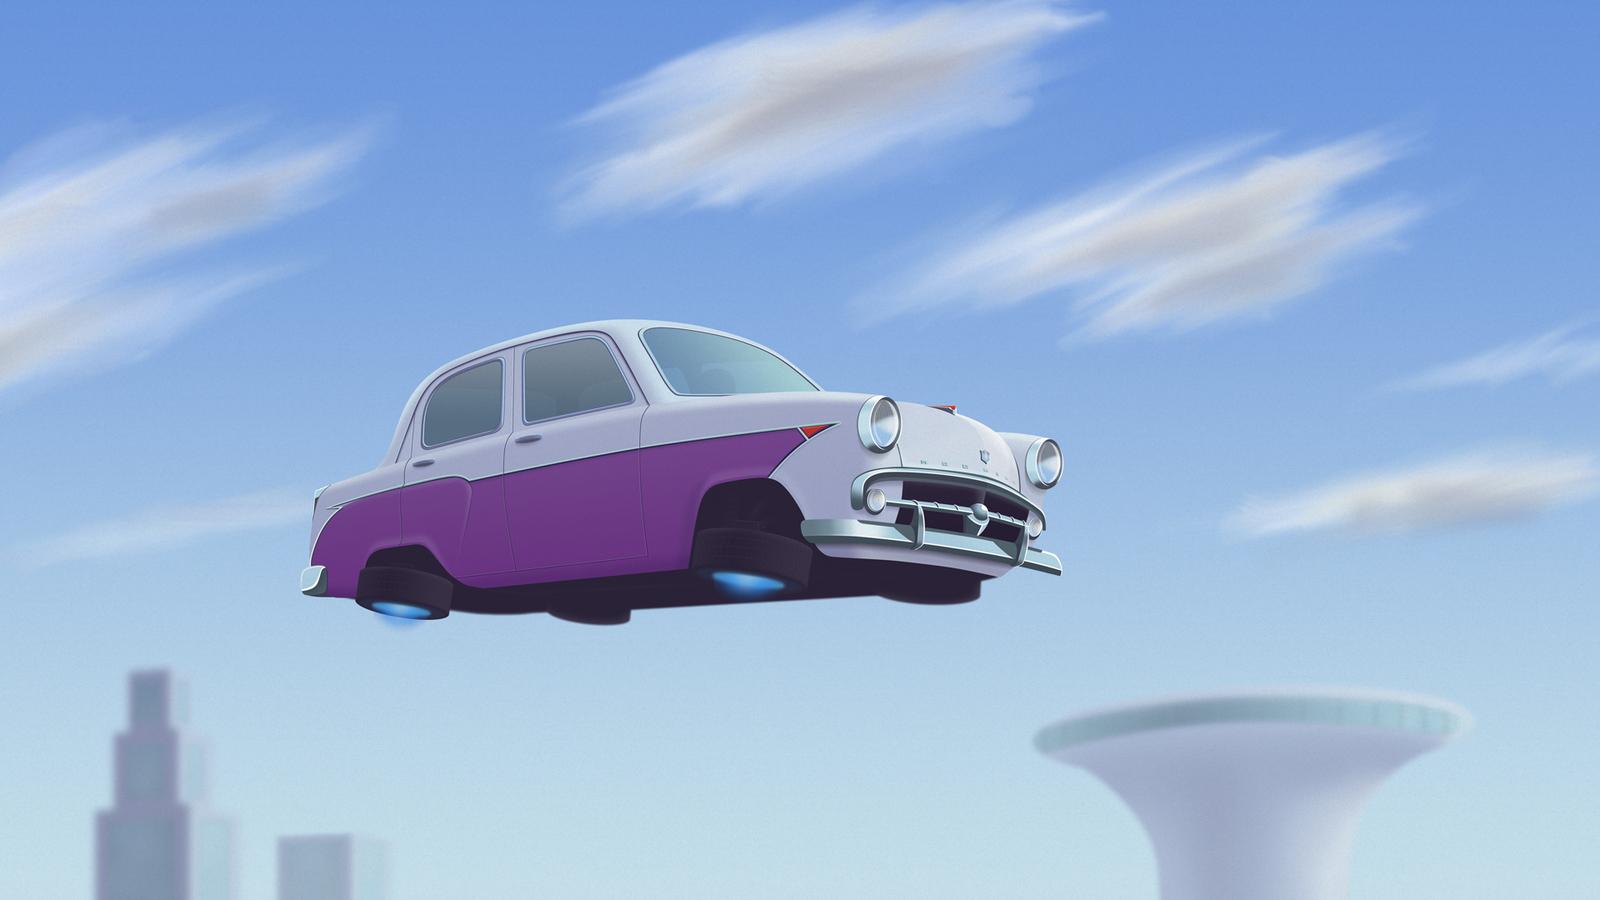 Современные летающие автомобили и их будущее